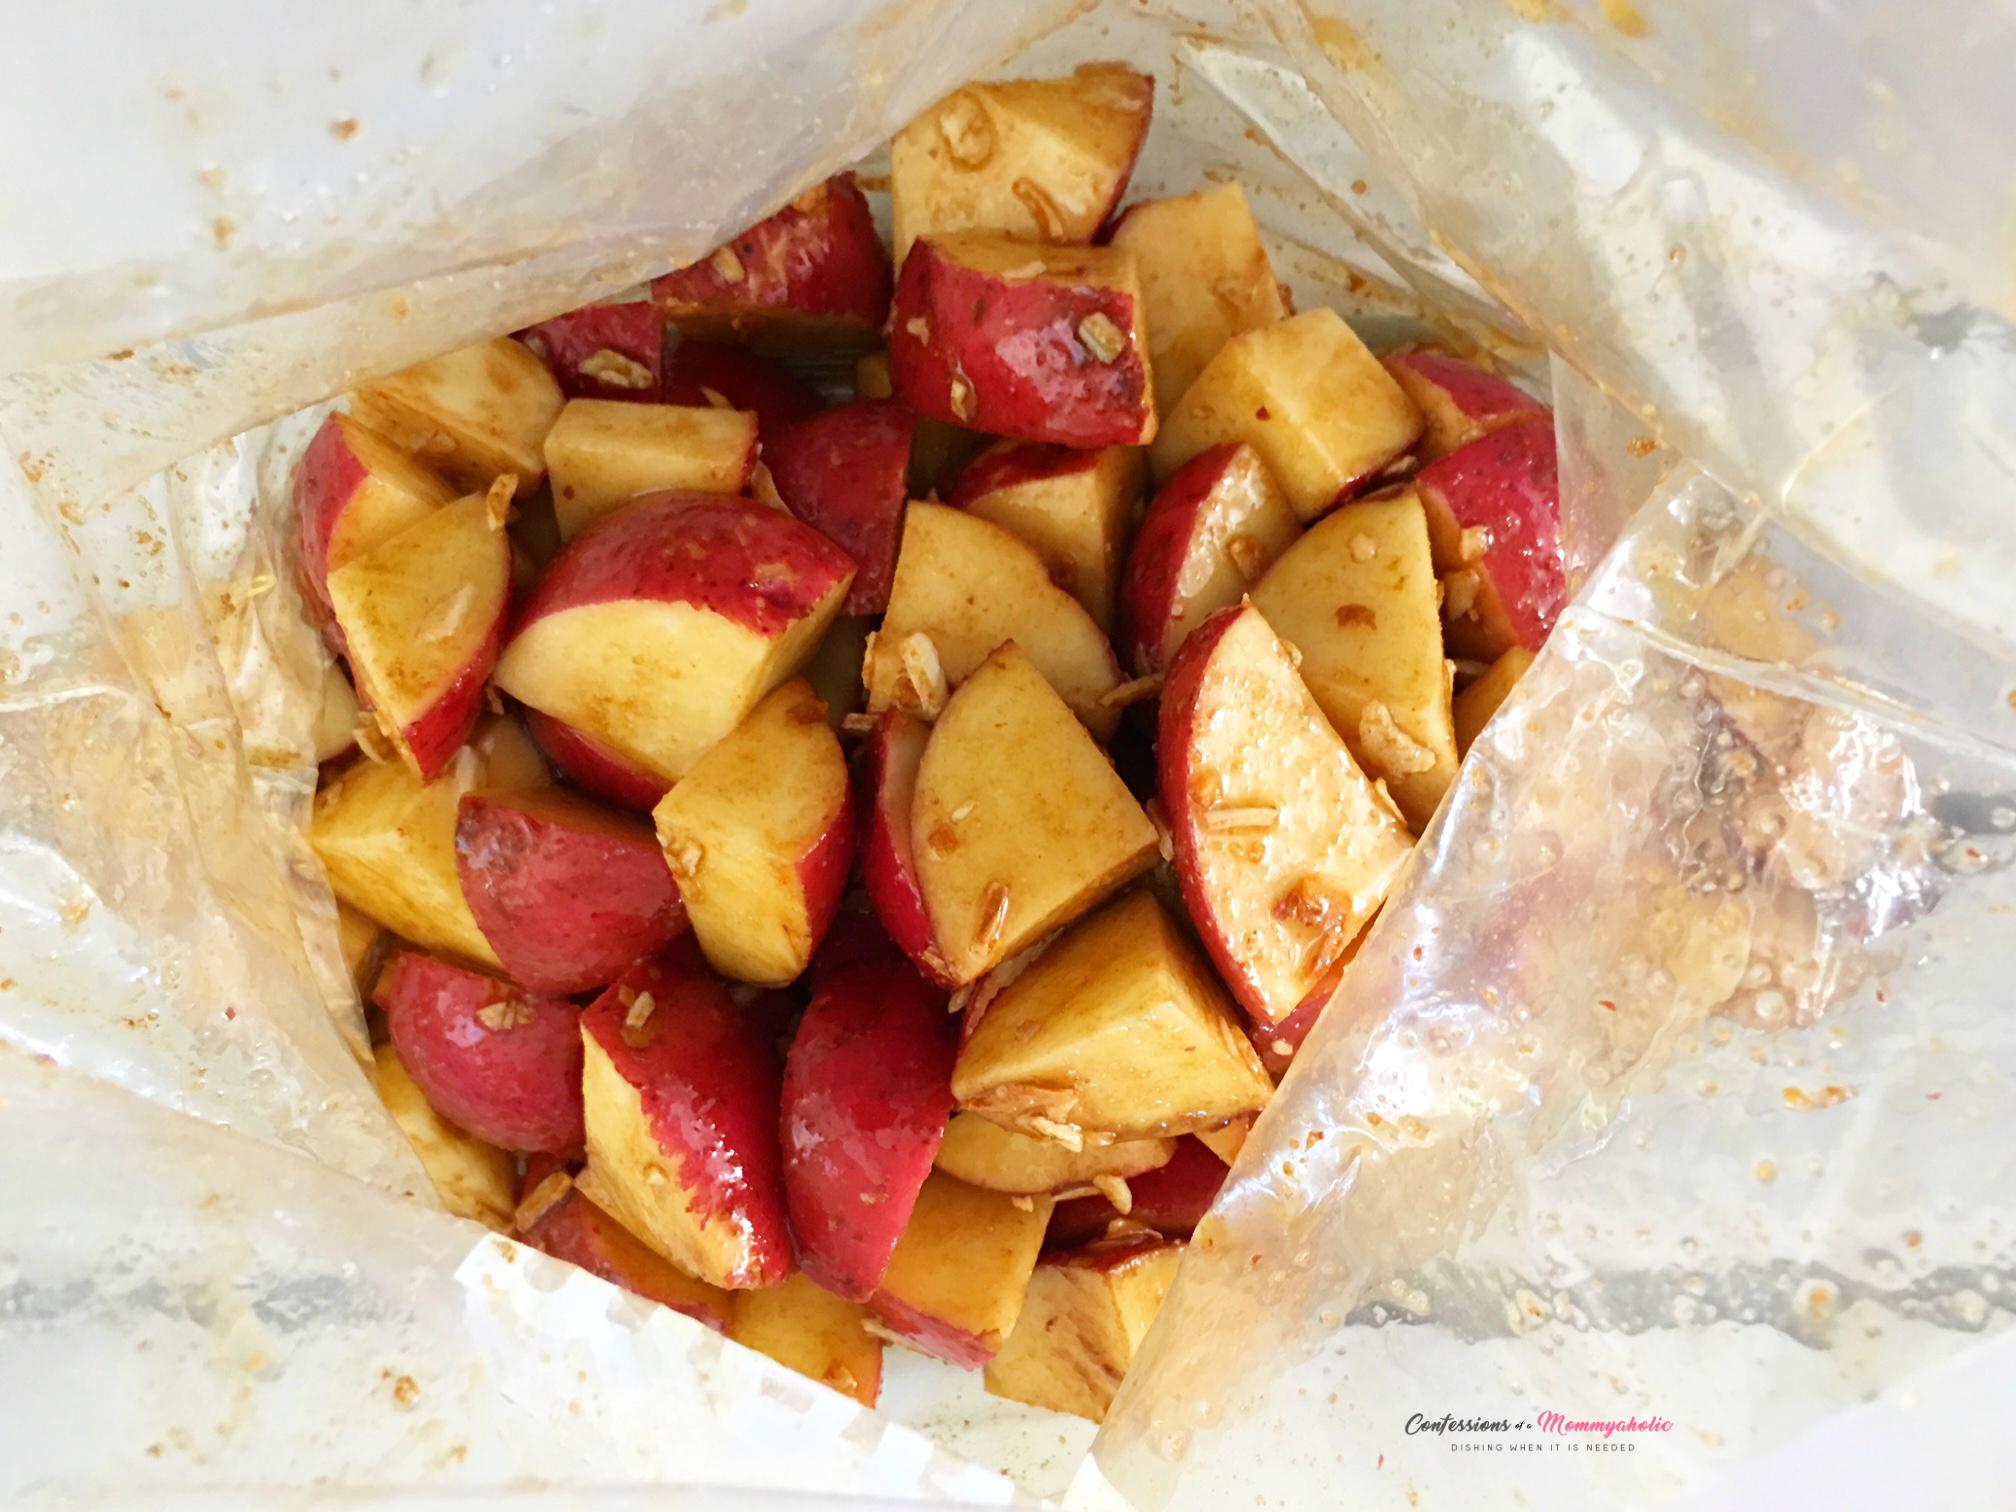 Oven Roasted Potatoes in Ziplock Bag 3